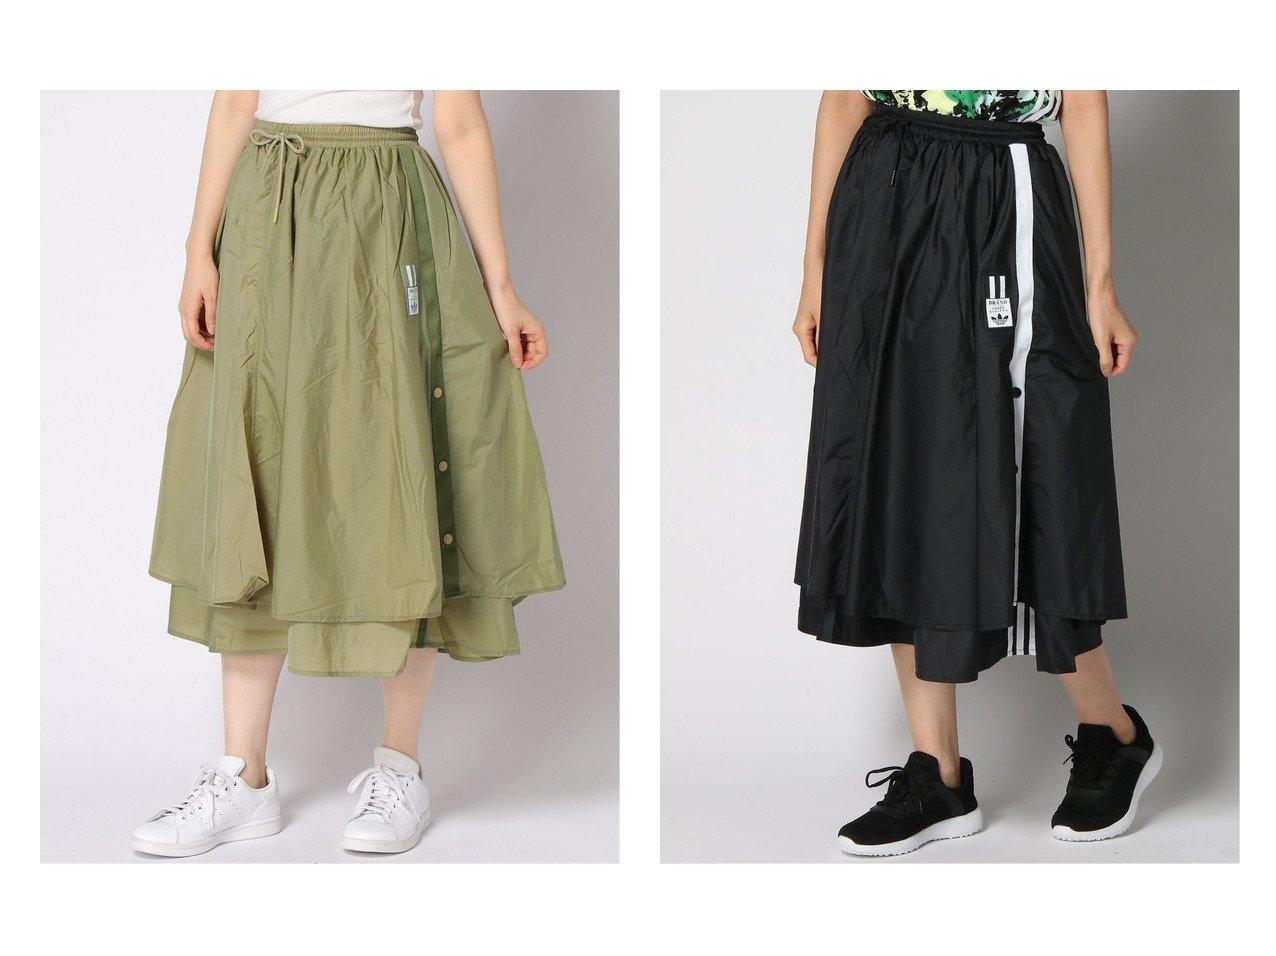 【adidas Originals/アディダス オリジナルス】のアディブレイク スカート アディダスオリジナルス おすすめ!人気、トレンド・レディースファッションの通販 おすすめで人気の流行・トレンド、ファッションの通販商品 インテリア・家具・メンズファッション・キッズファッション・レディースファッション・服の通販 founy(ファニー) https://founy.com/ ファッション Fashion レディースファッション WOMEN スカート Skirt おすすめ Recommend キャミソール サングラス スポーツ タフタ ミックス |ID:crp329100000070061